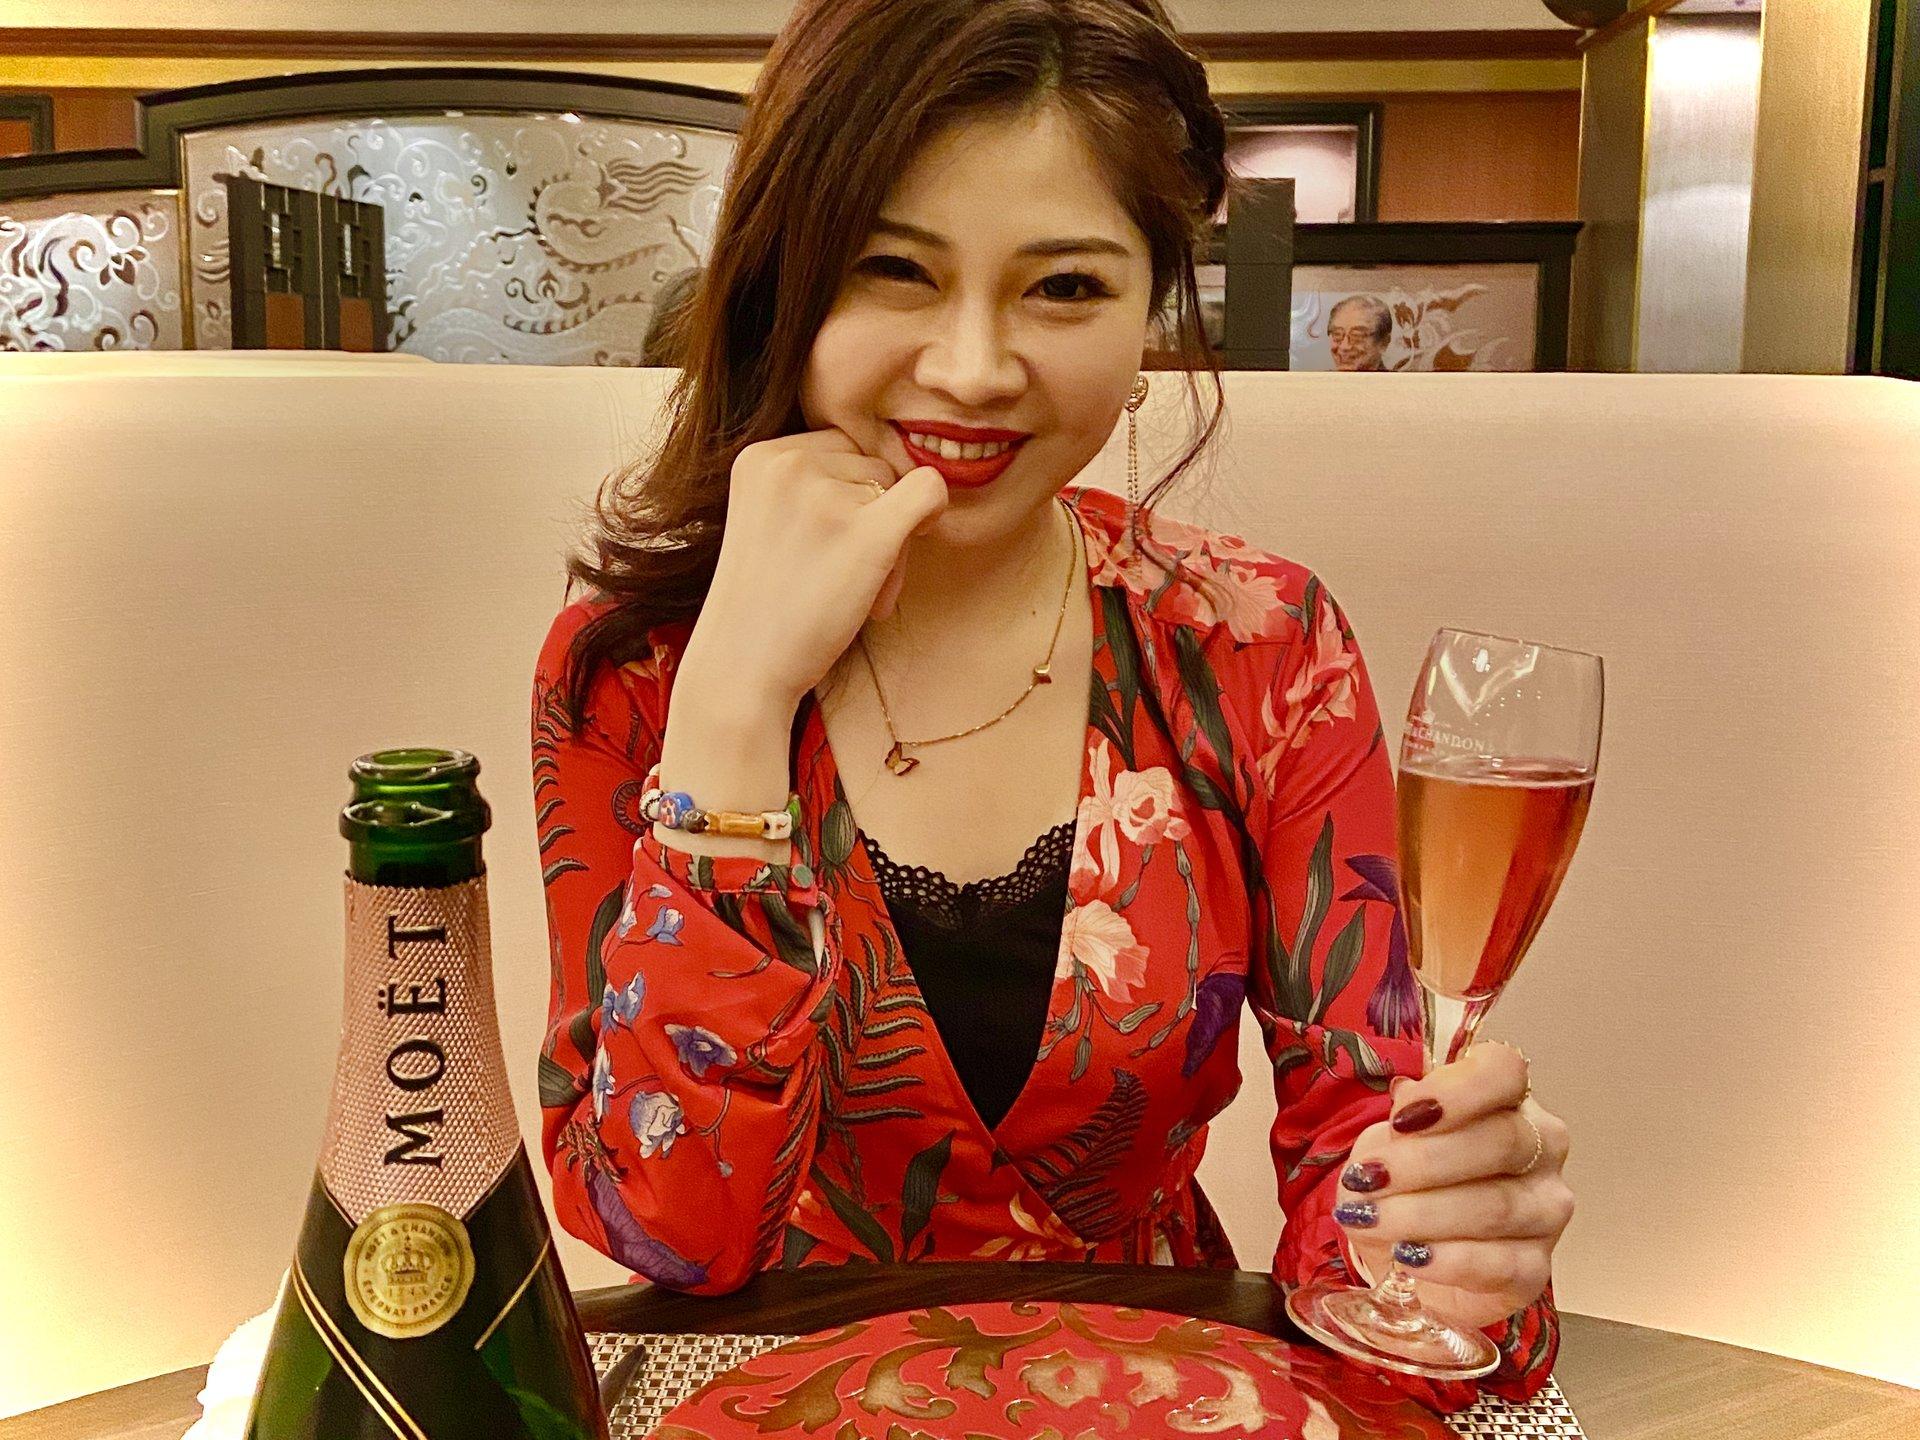 中華街より落ち着く横浜駅直結のおいしいランチに決定♡おすすめレストラン「彩龍」激ウマ飲茶を堪能!